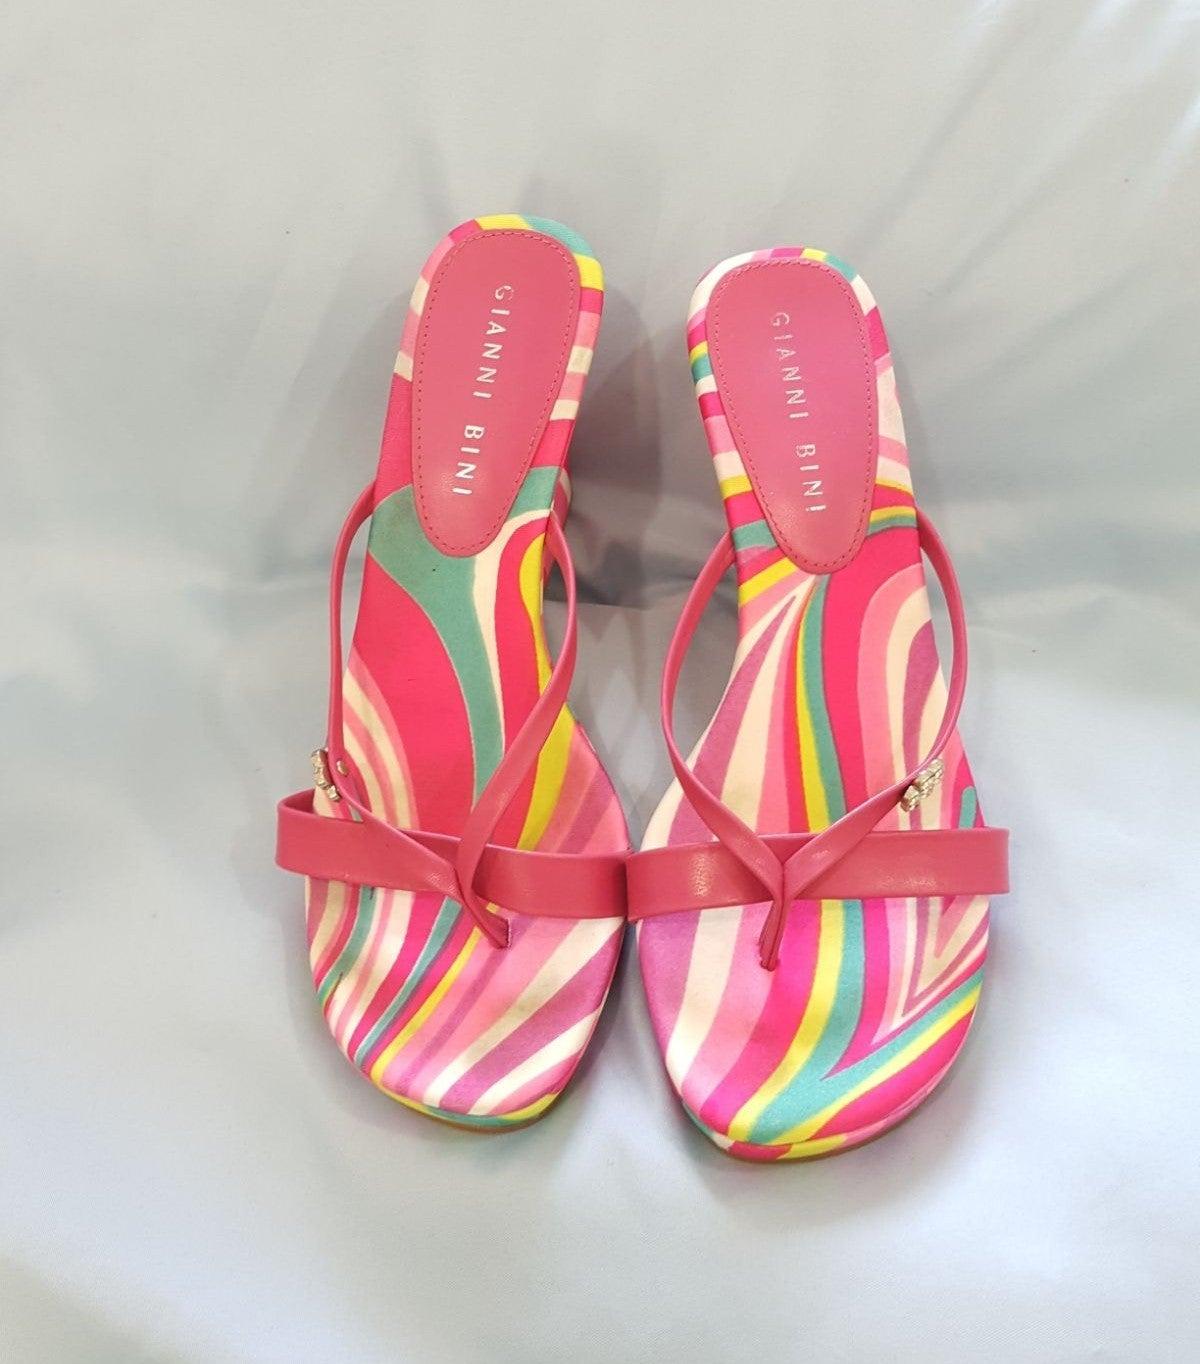 Gianni Bini Sandals Wedge Heel